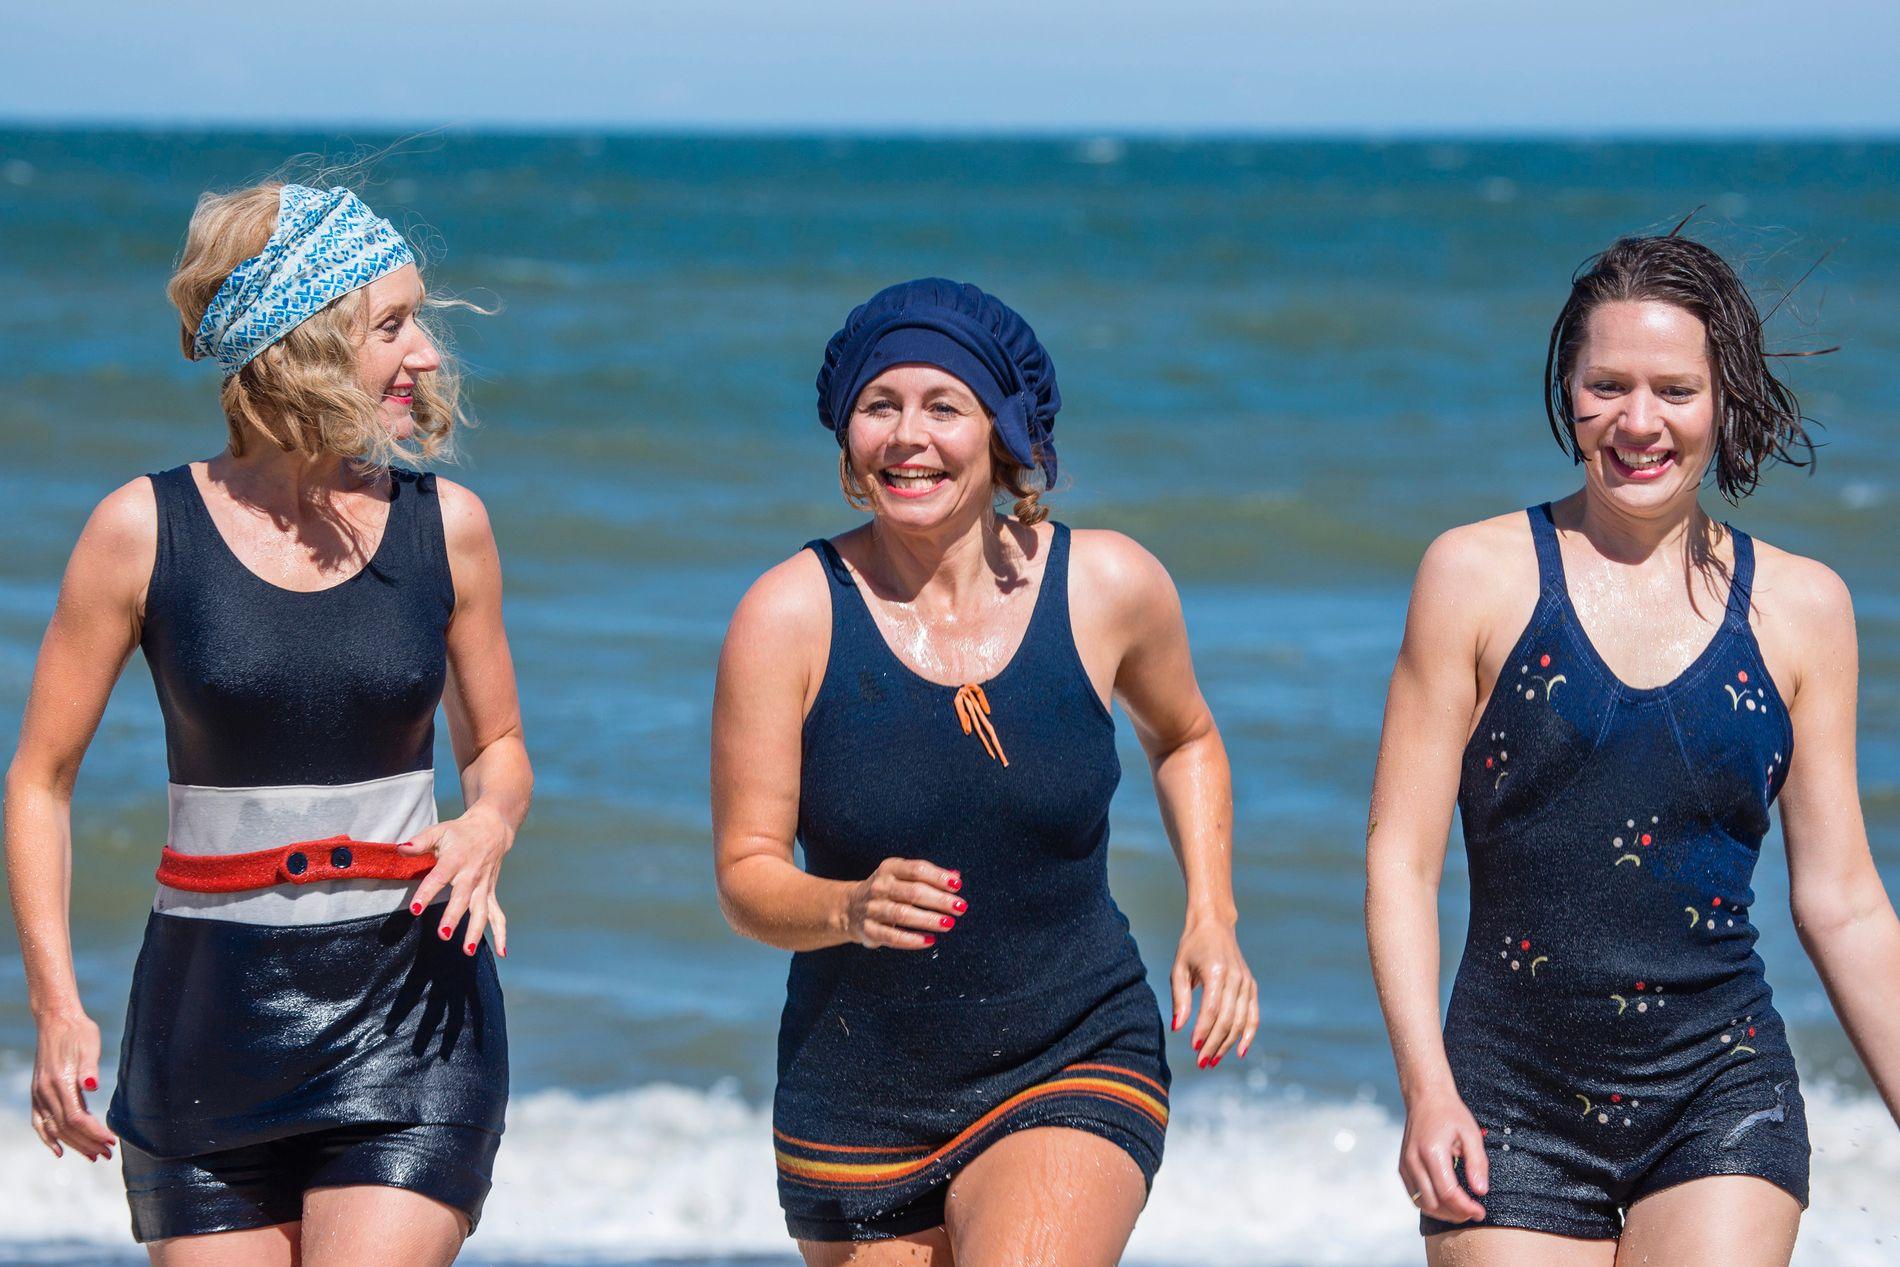 BADEGLADE: Anette Støvelbæk som Alice Frigh, Anne Louise Hassing som Therese Madsen og Amalie Dollerup som Amanda Madsen i sesong 4 av «Badehotellet».